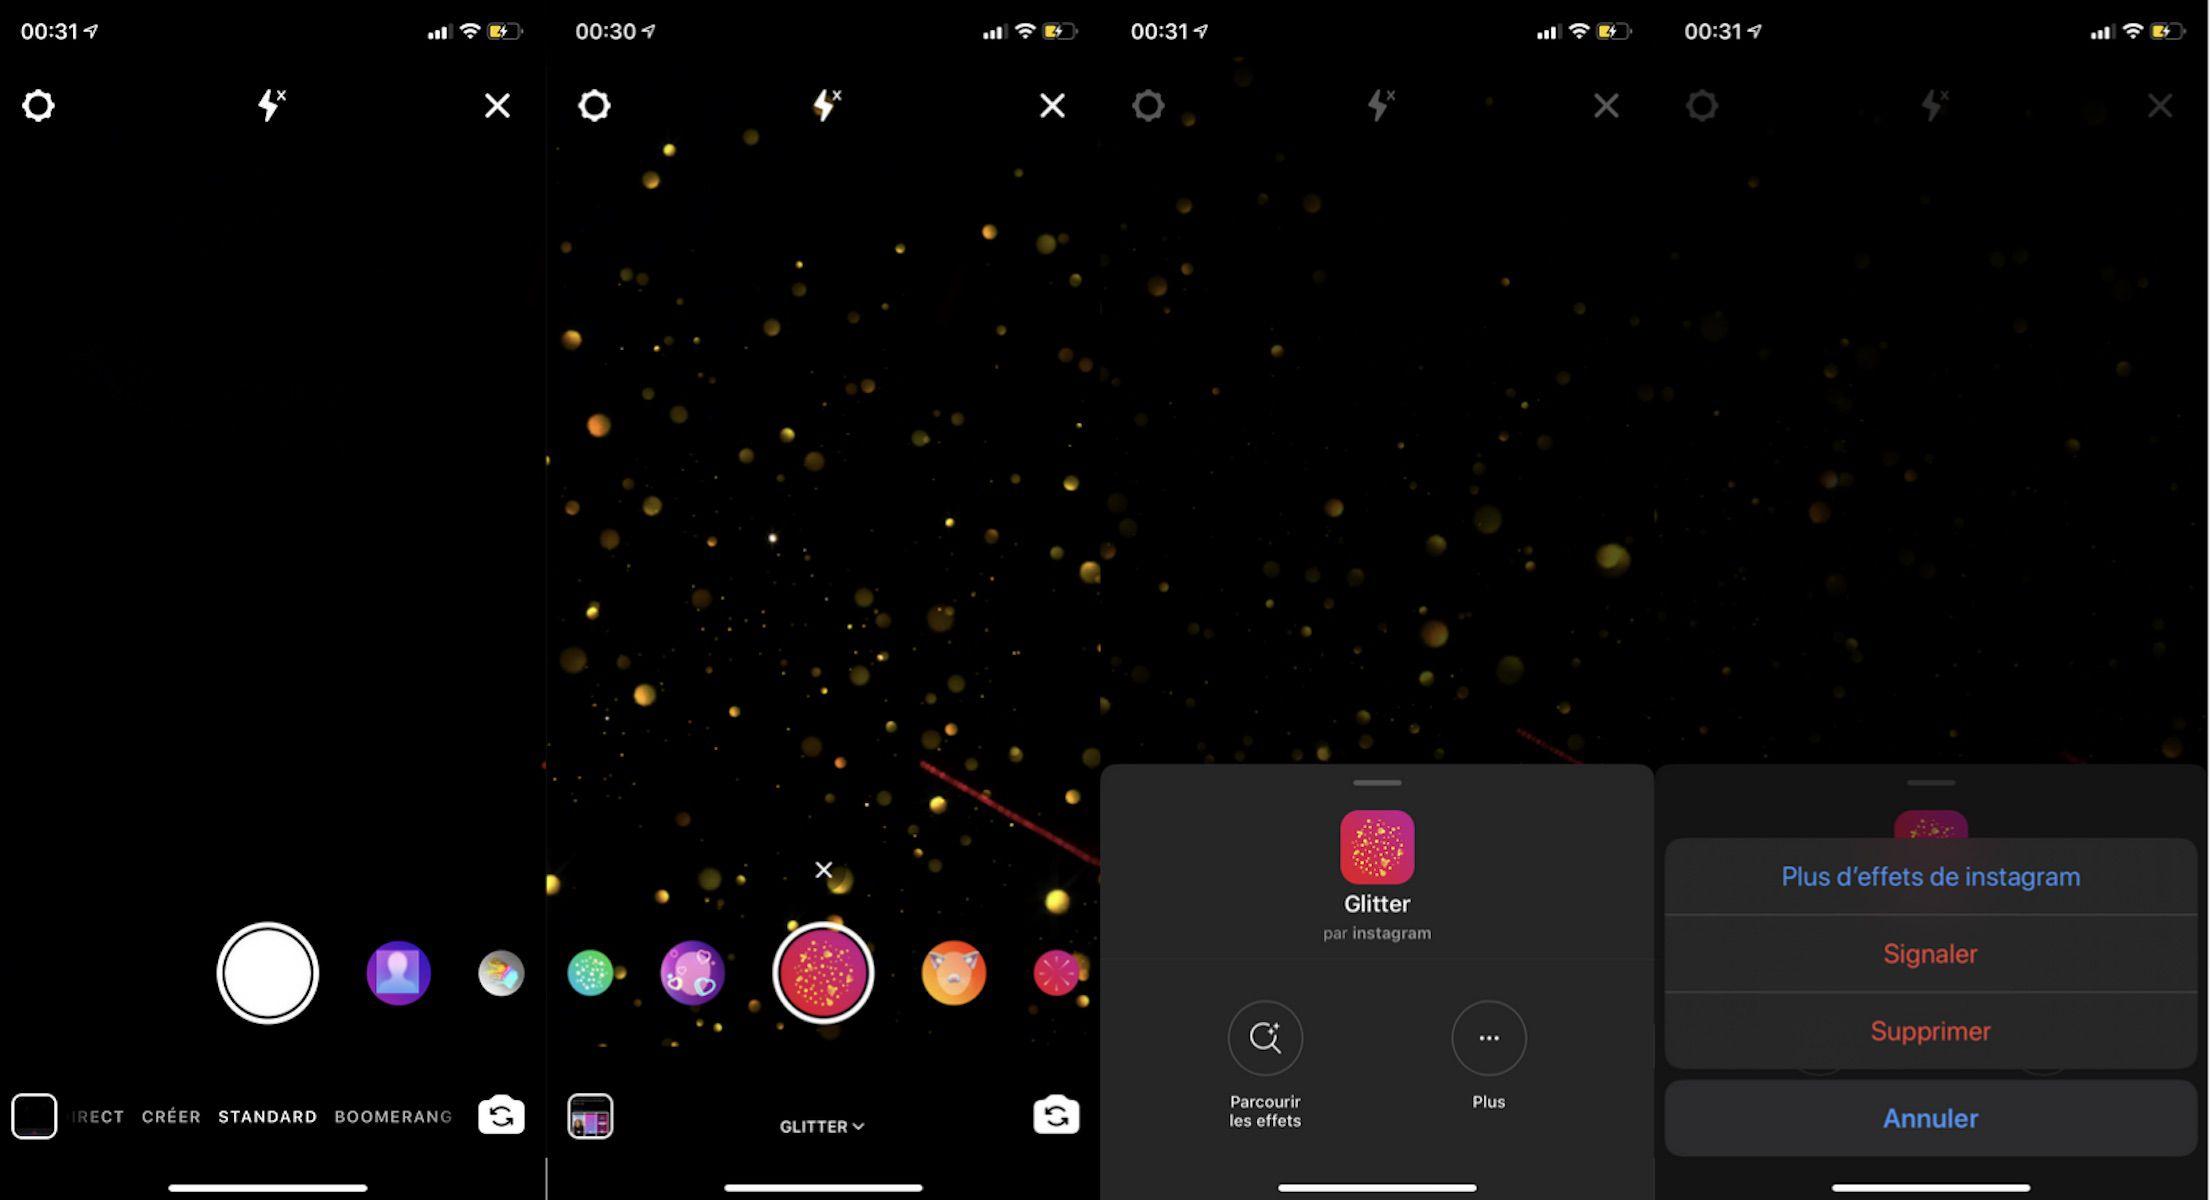 Instagram présente une nouvelle interface pour les stories